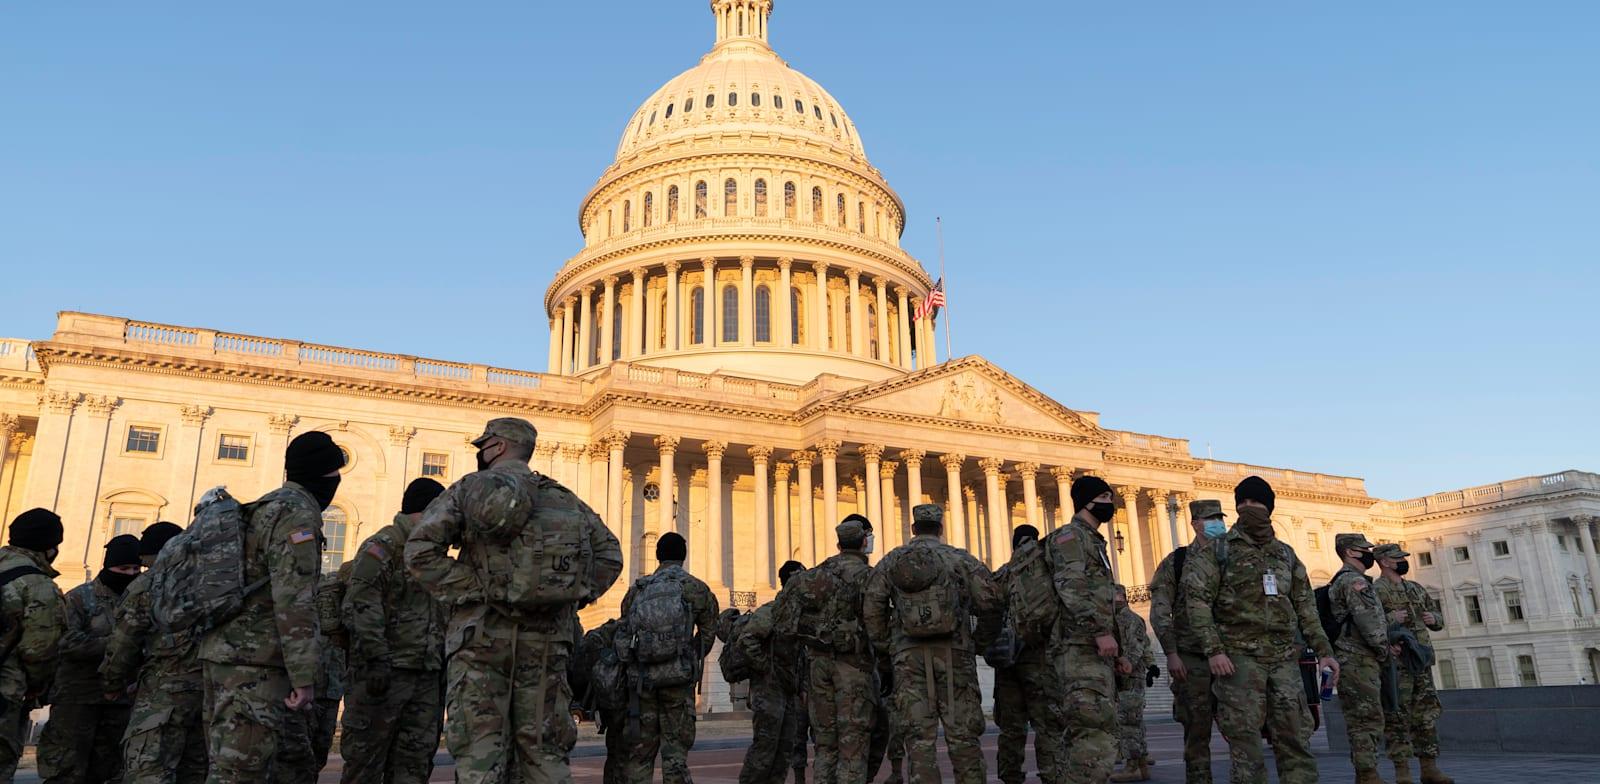 המשמר הלאומי נפרש בגבעת הקפיטול ביום שלישי שעבר / צילום: Reuters, Sipa USA